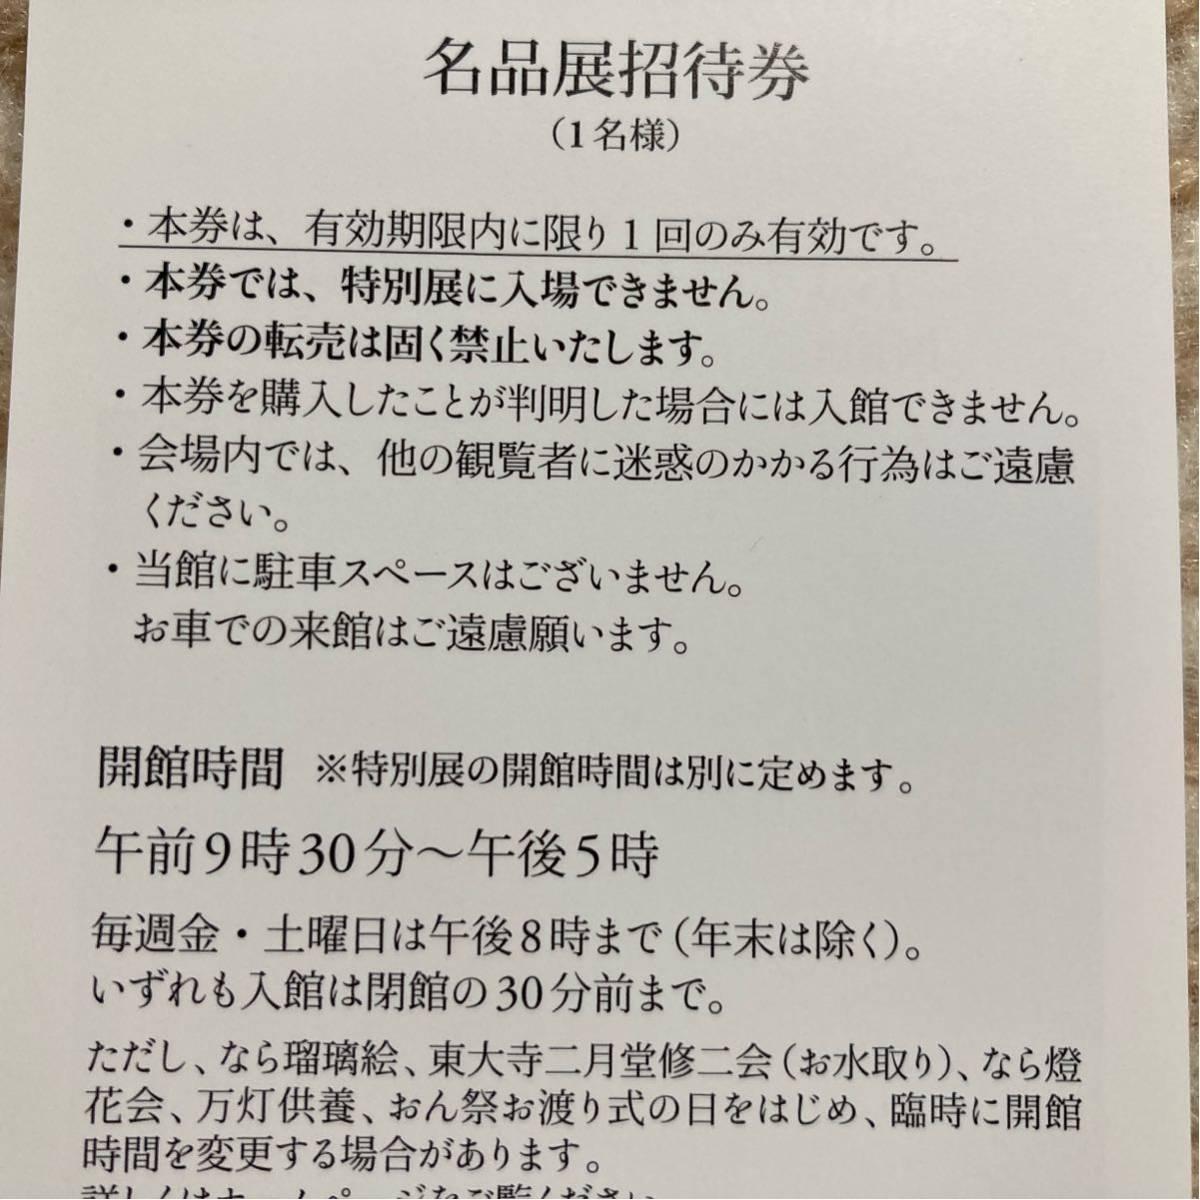 奈良国立博物館 お水取り チケット 招待券 1枚 無料観覧券_画像3